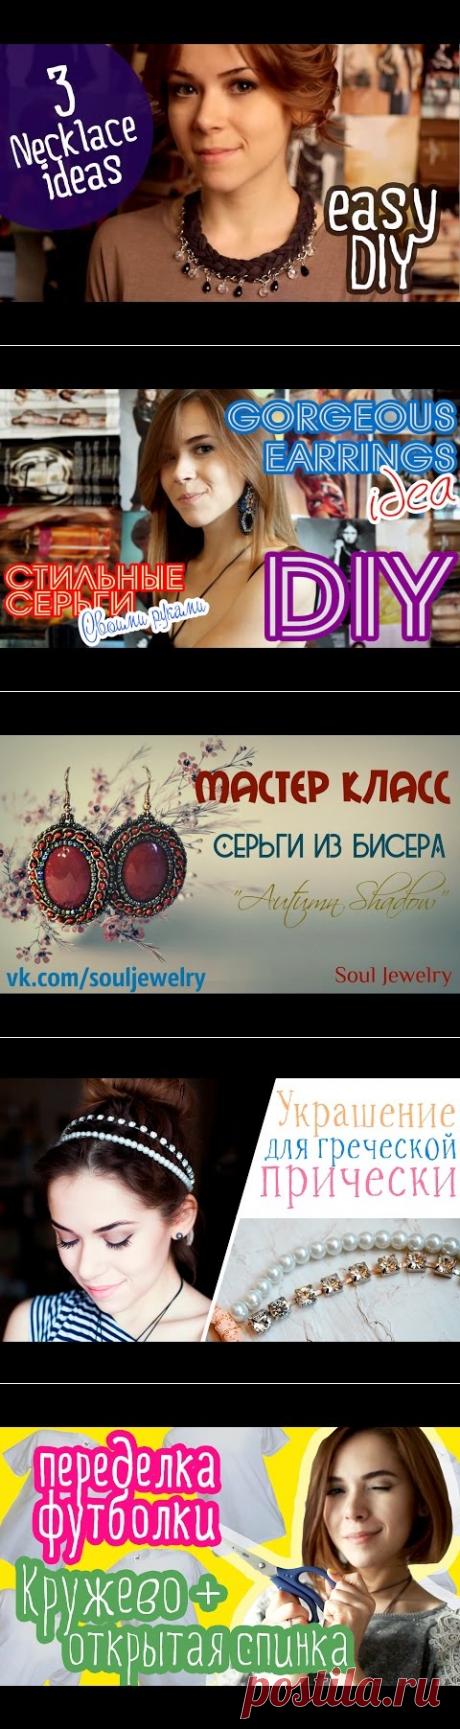 Стильные серьги своими руками   DIY Gorgeous earrings IDEA - YouTube